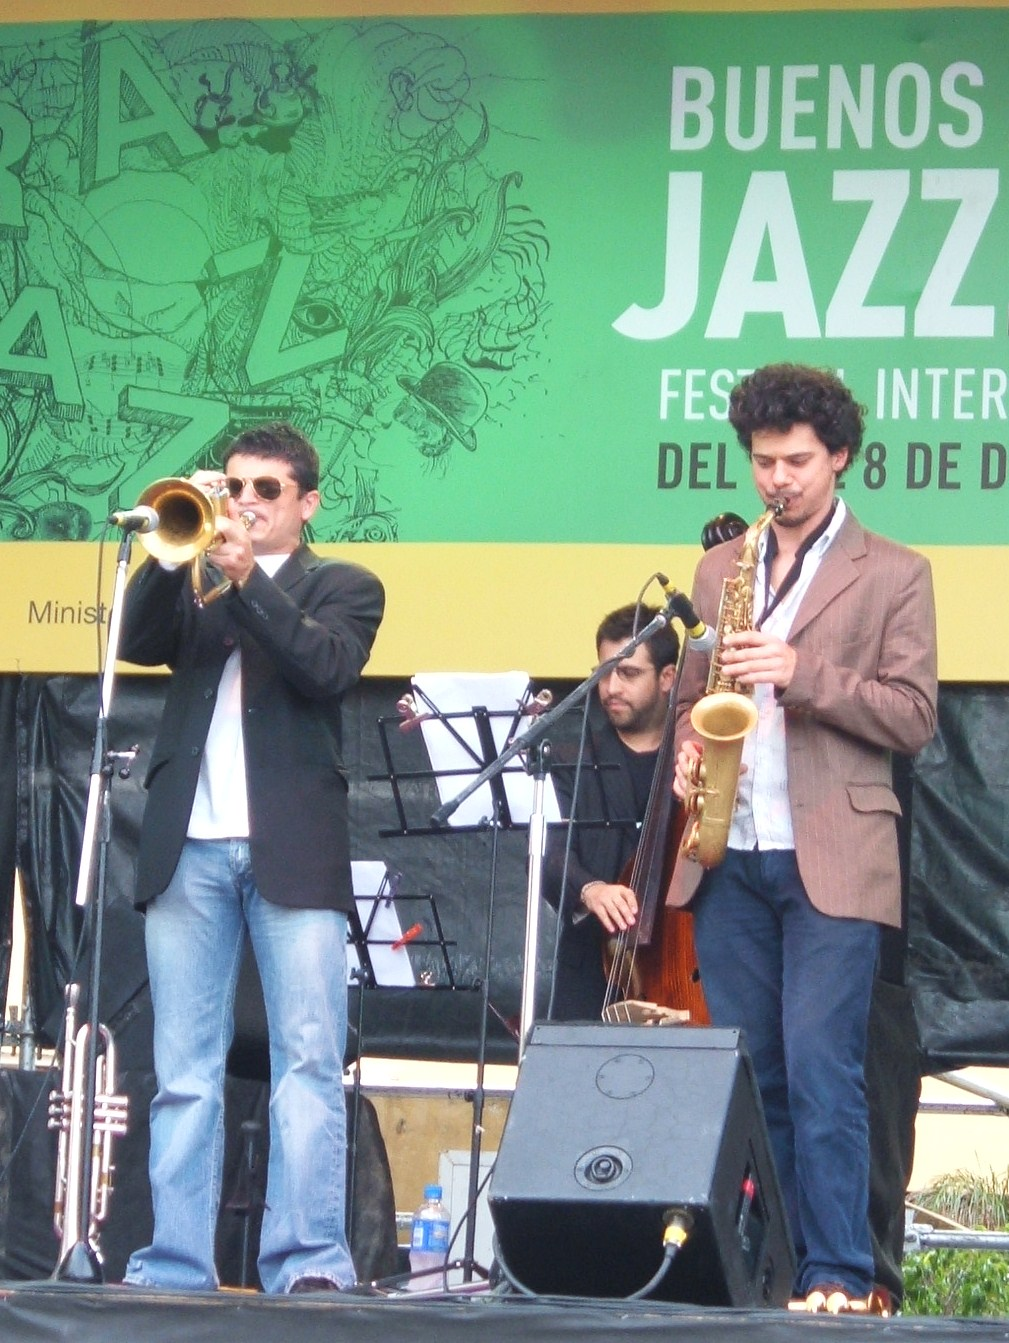 Mariano Loiacono and Ramiero Flores